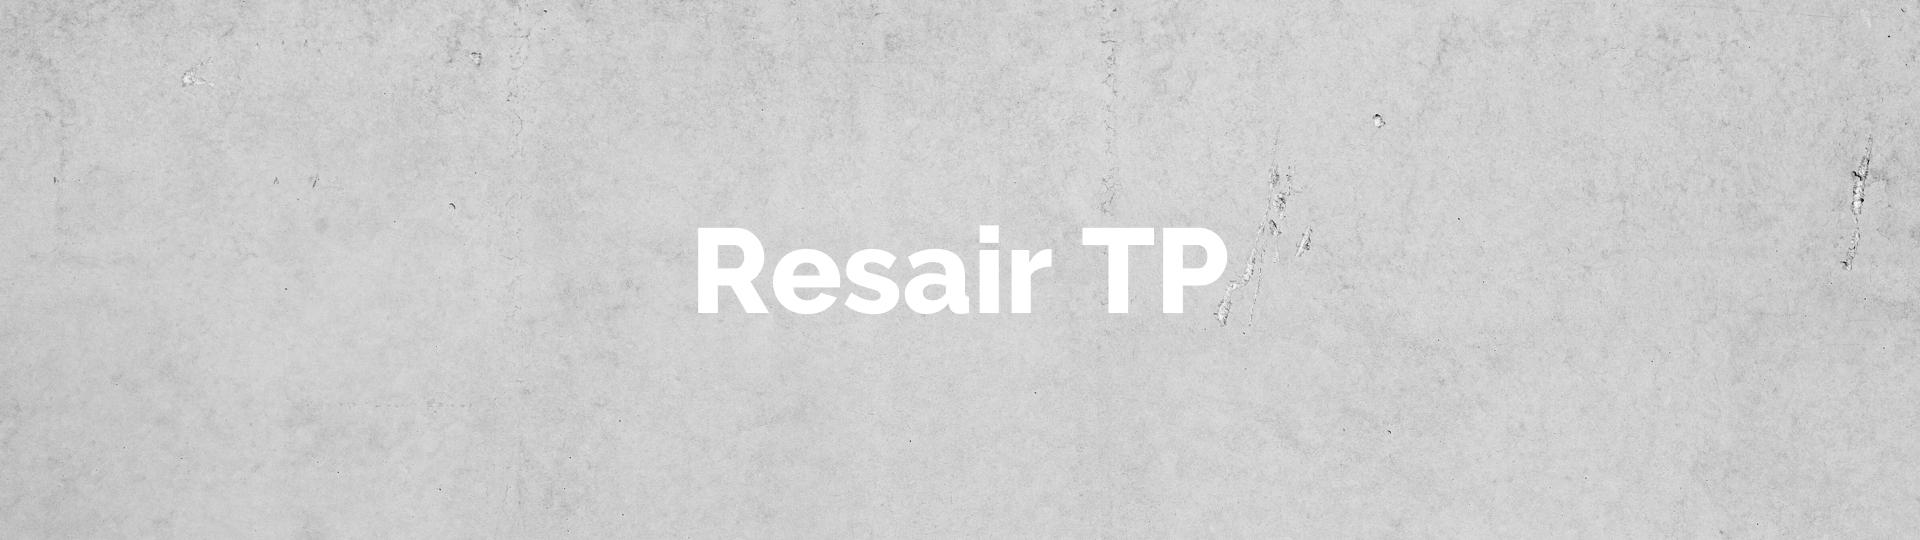 Resair TP